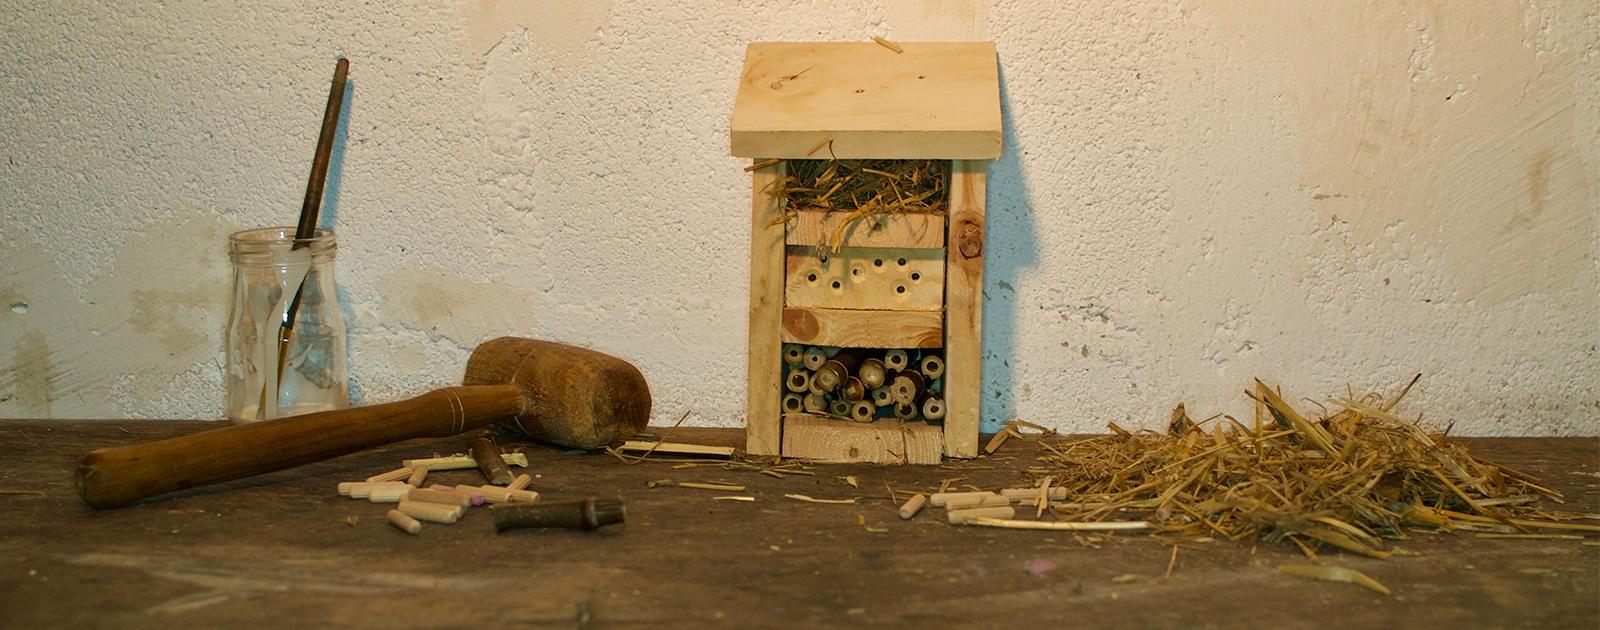 Fabrique l'hôtel à insectes de l'expo